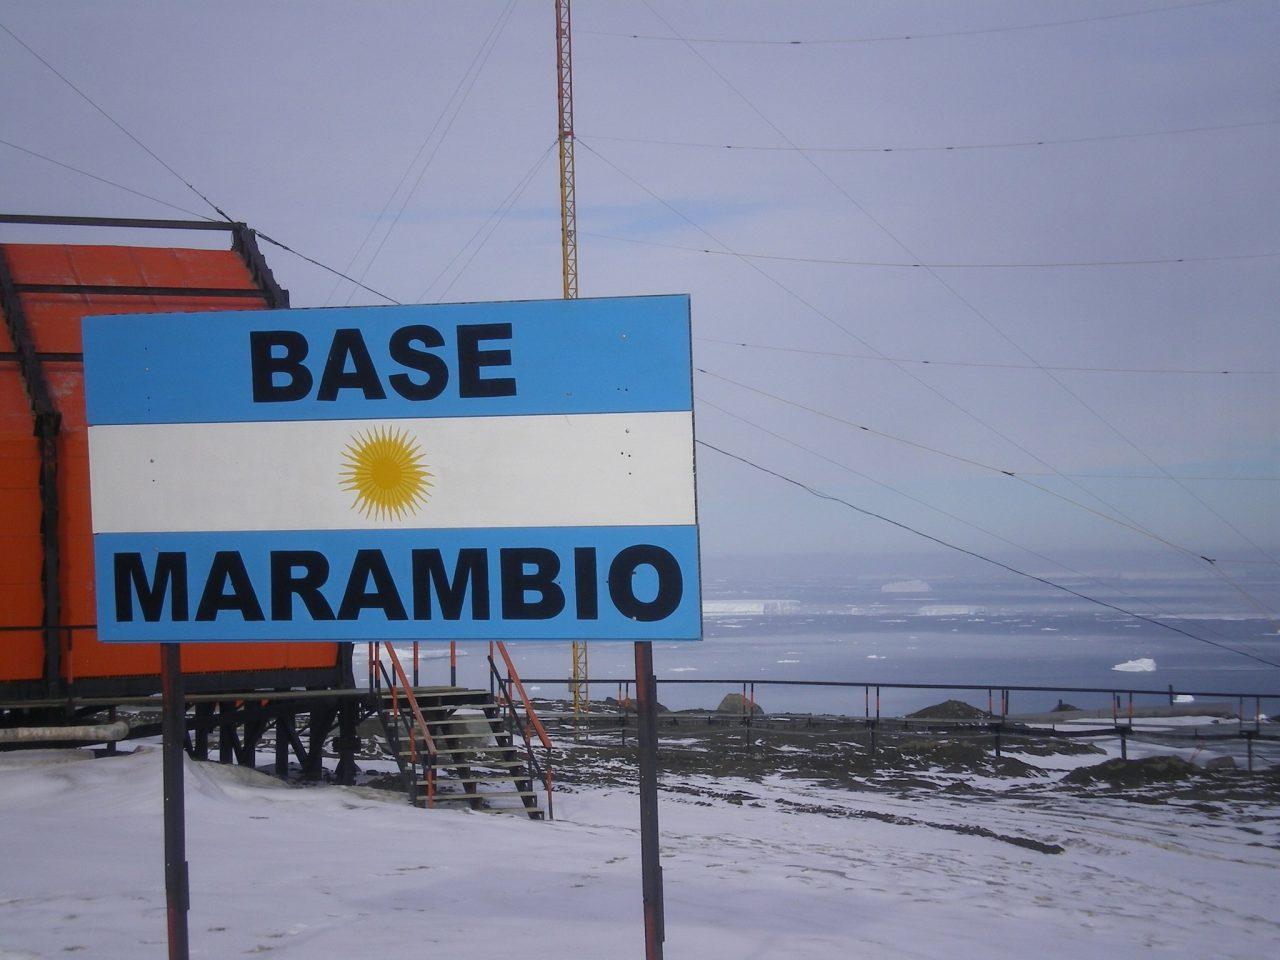 Base-Marambio-1280x960.jpg